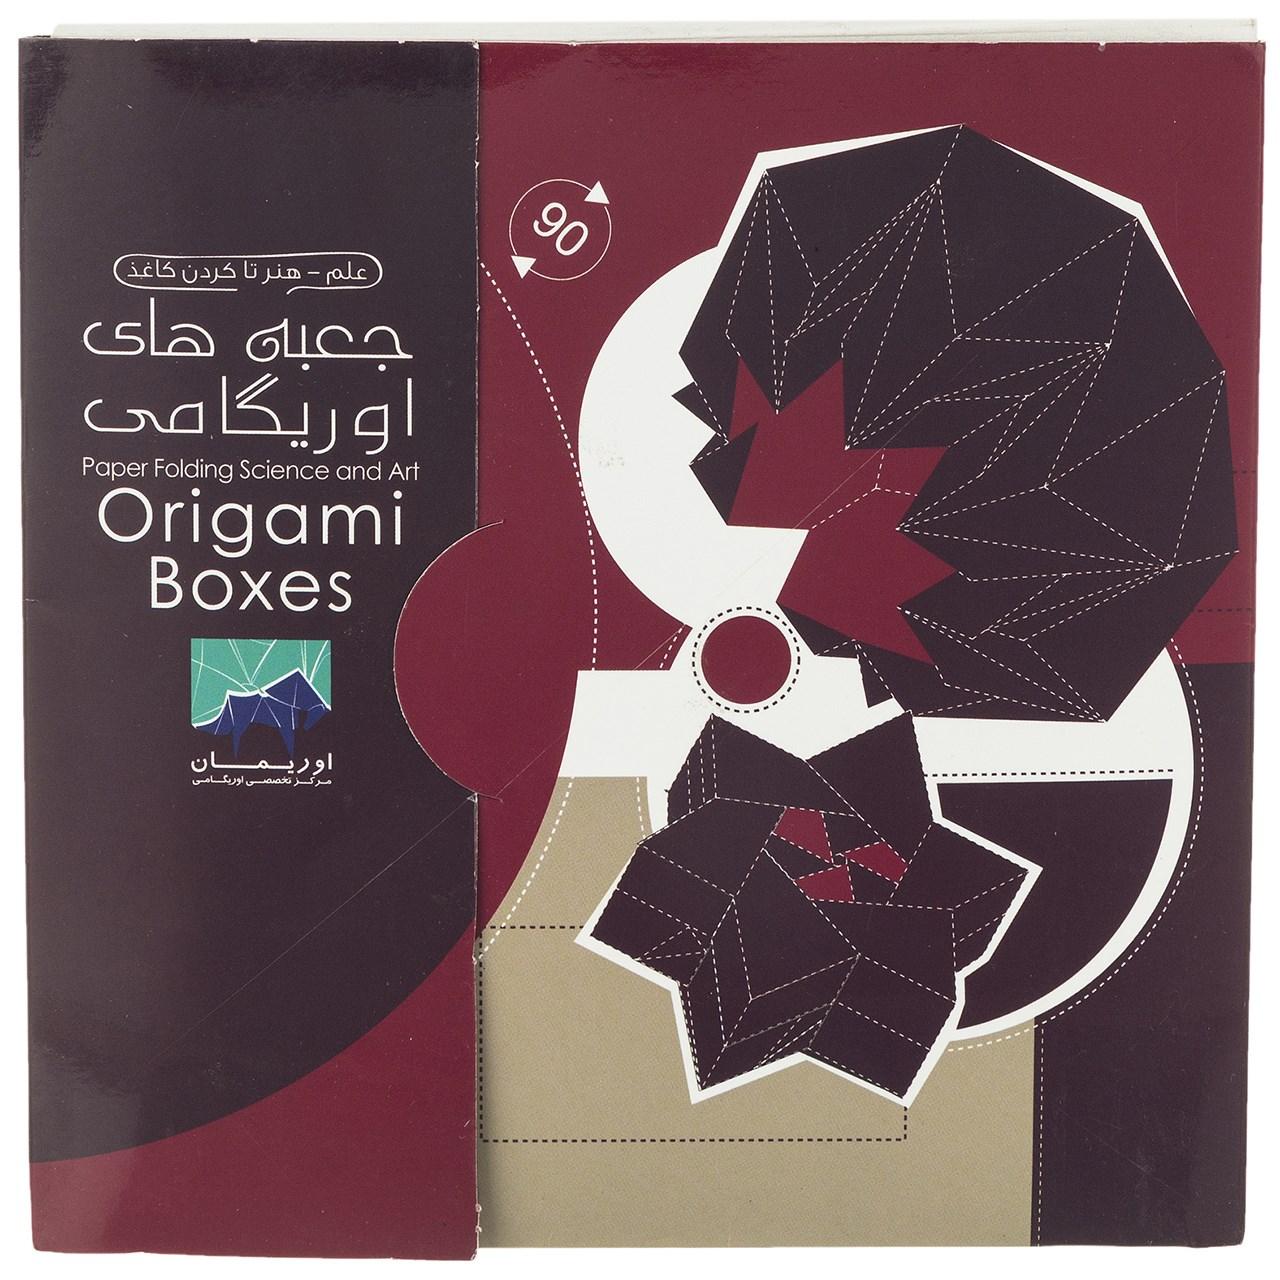 مجموعه آموزشی و ساخت اوریگامی اوریمان مدل جعبه های اوریگامی